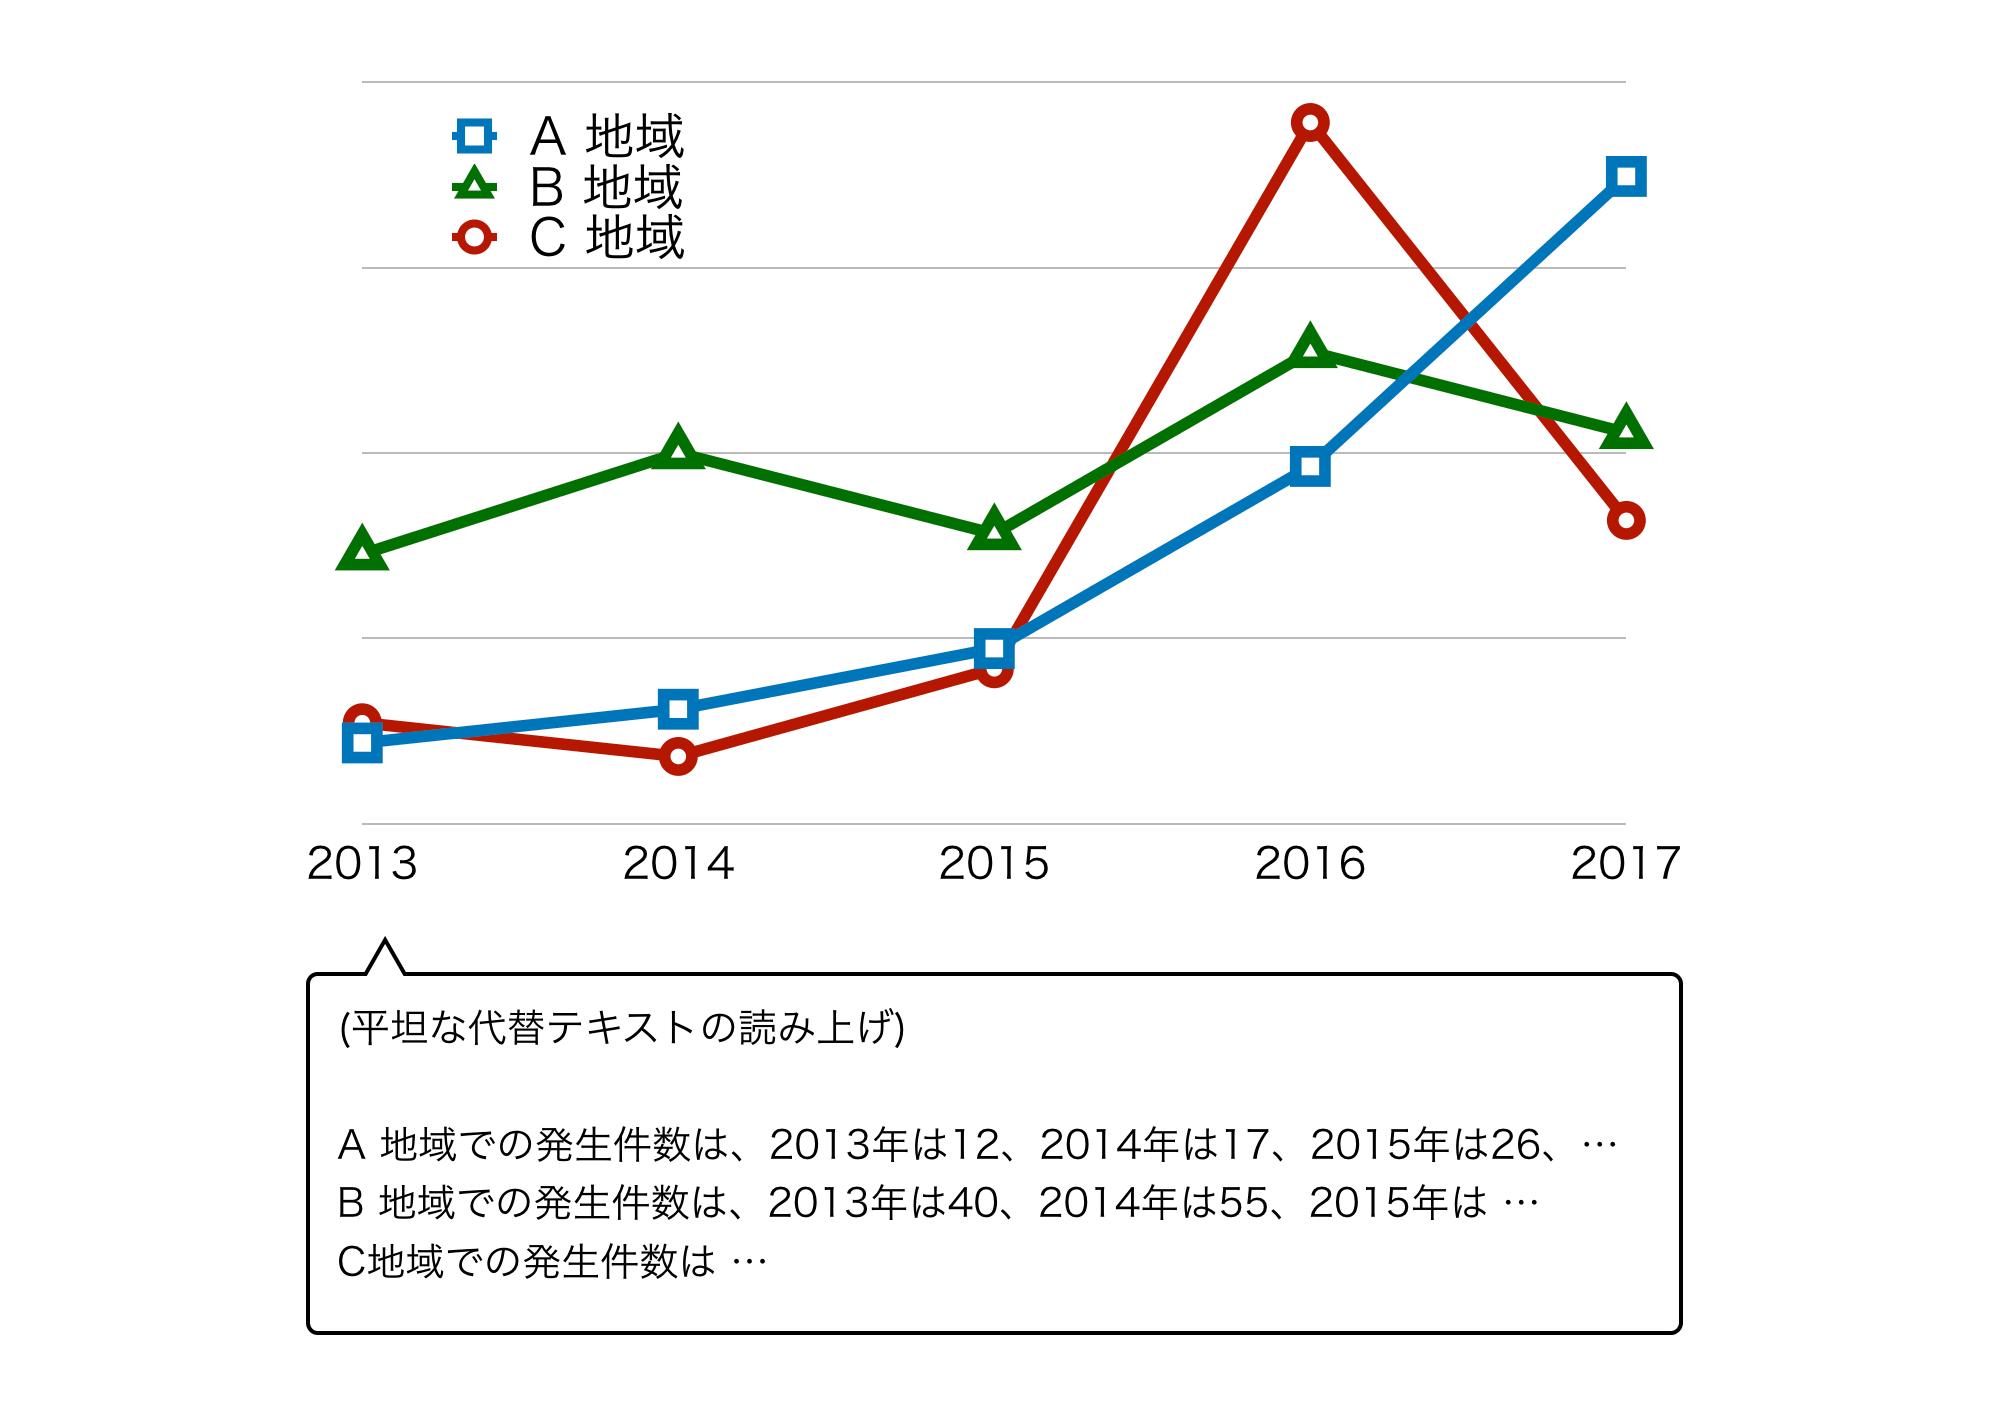 グラフの情報を代替テキストで表現した例